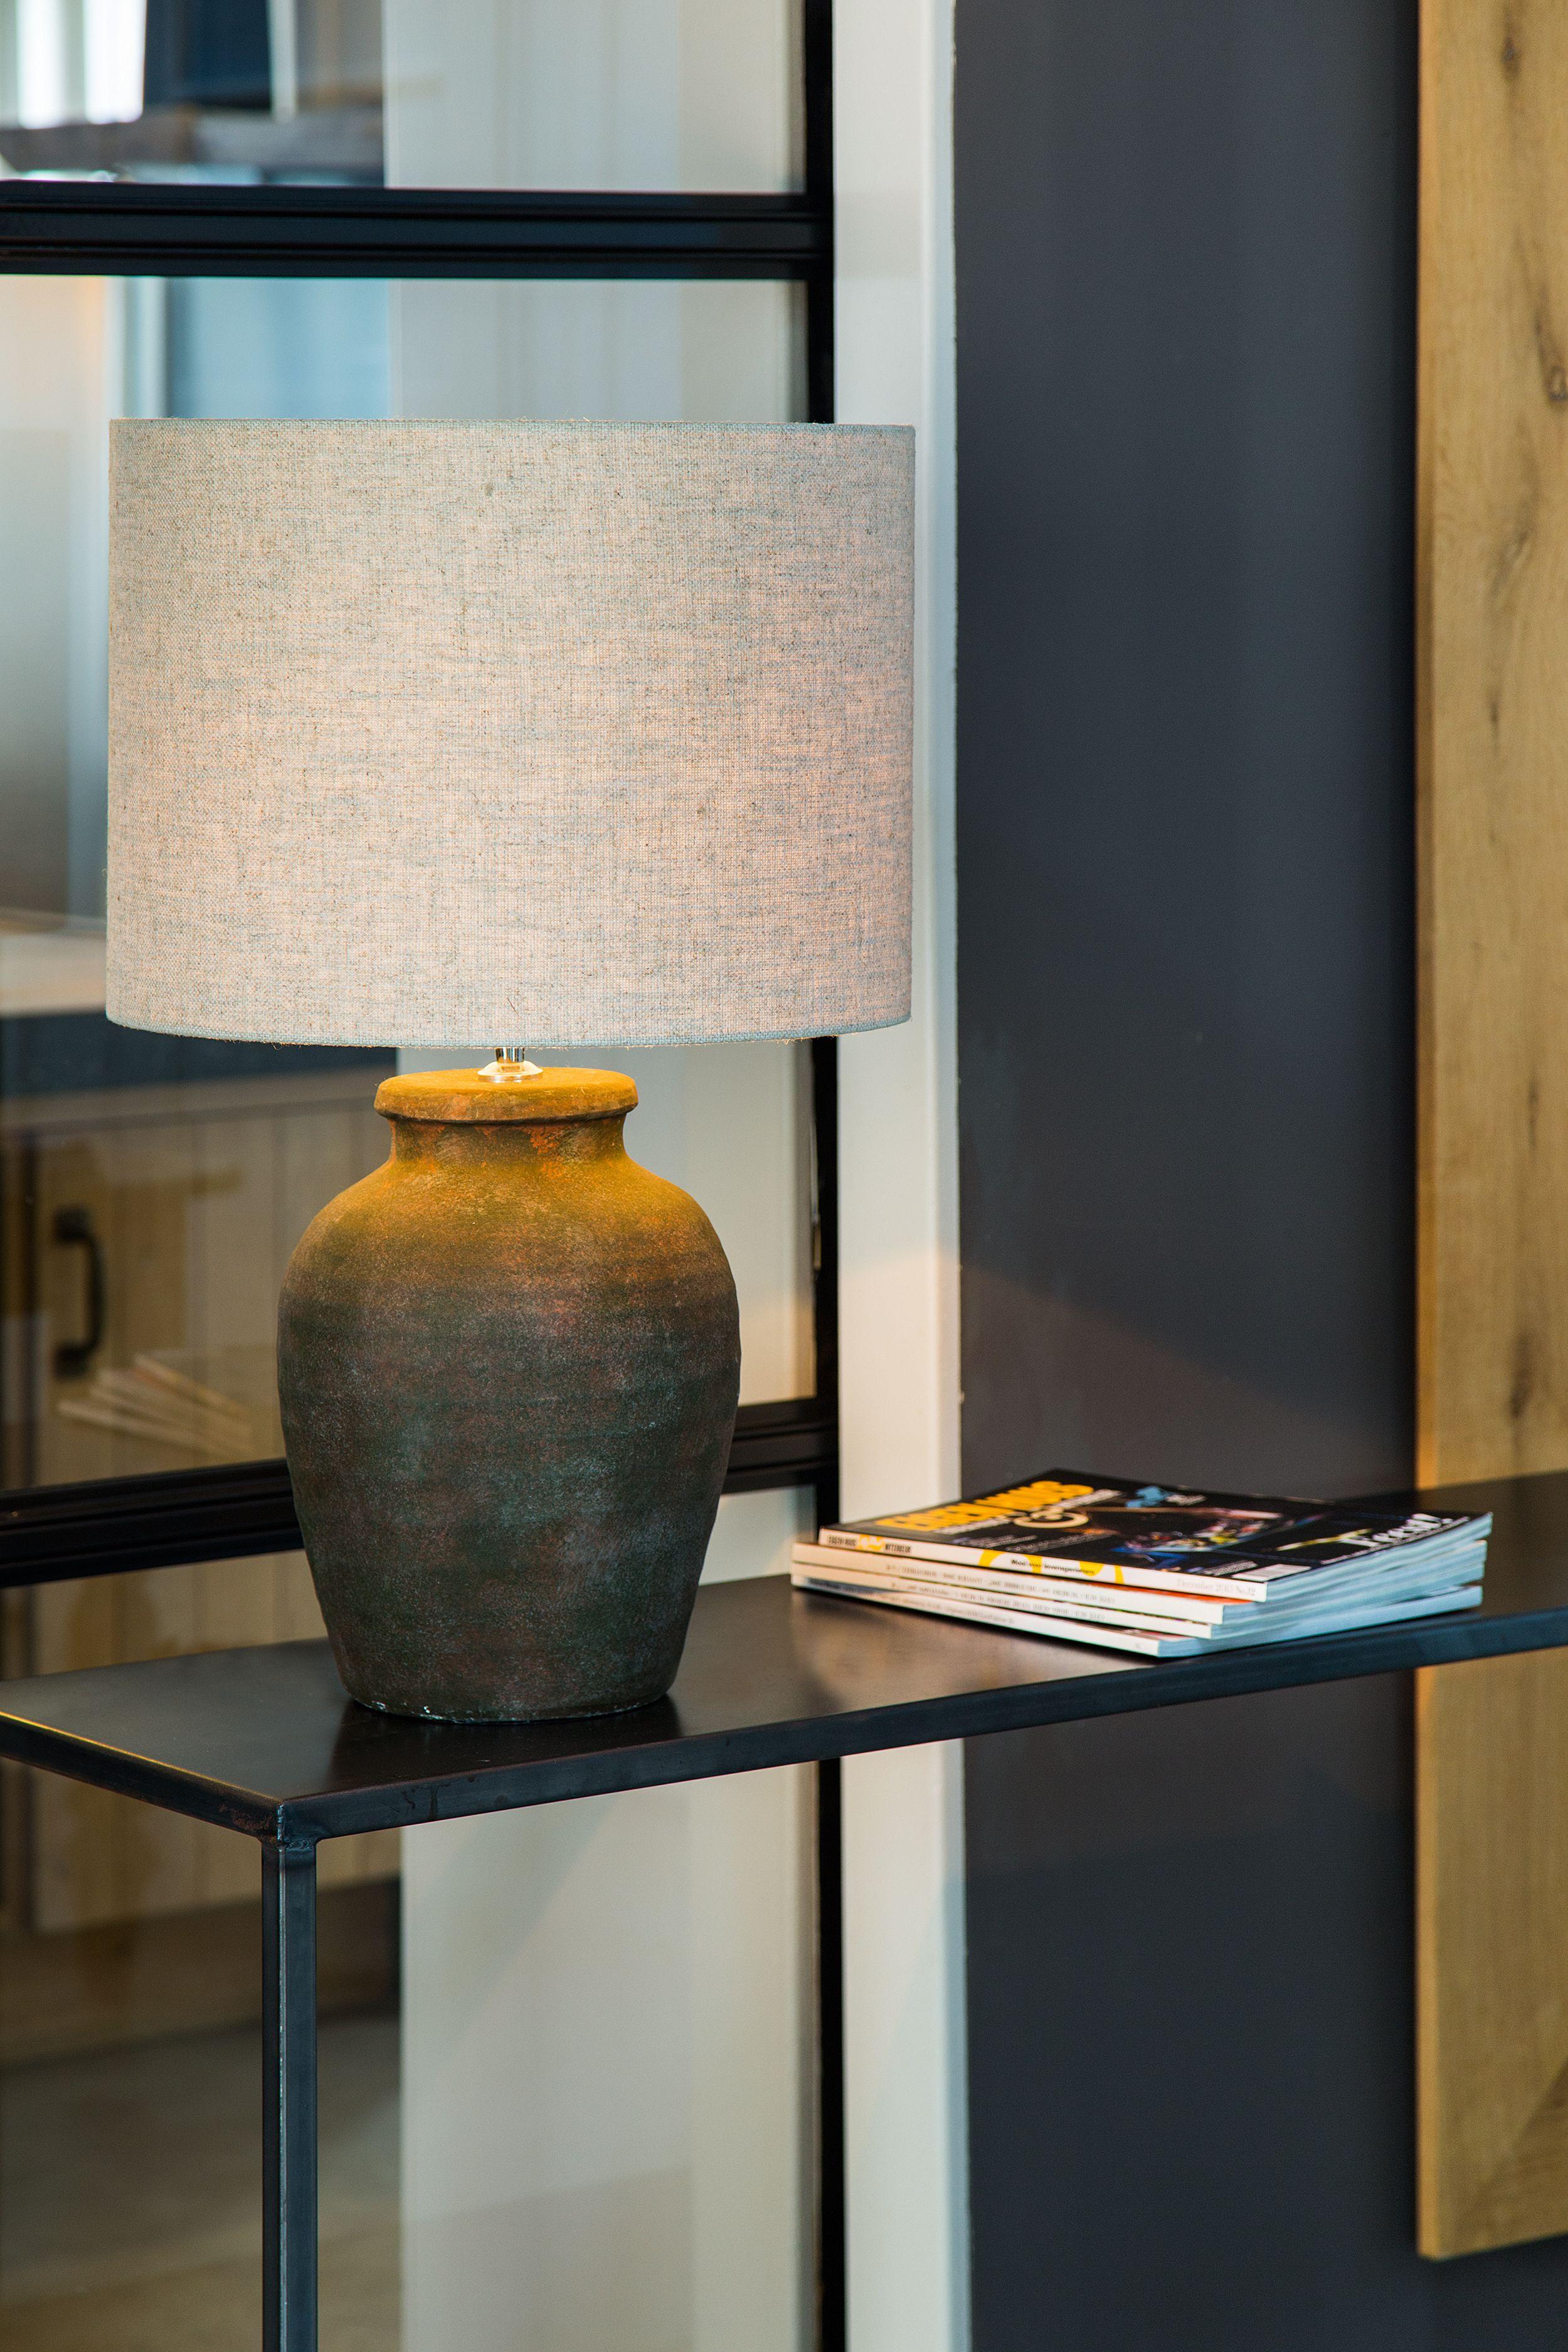 verlichting #landelijk #meubelenalrridon #lamp #decoratie ...